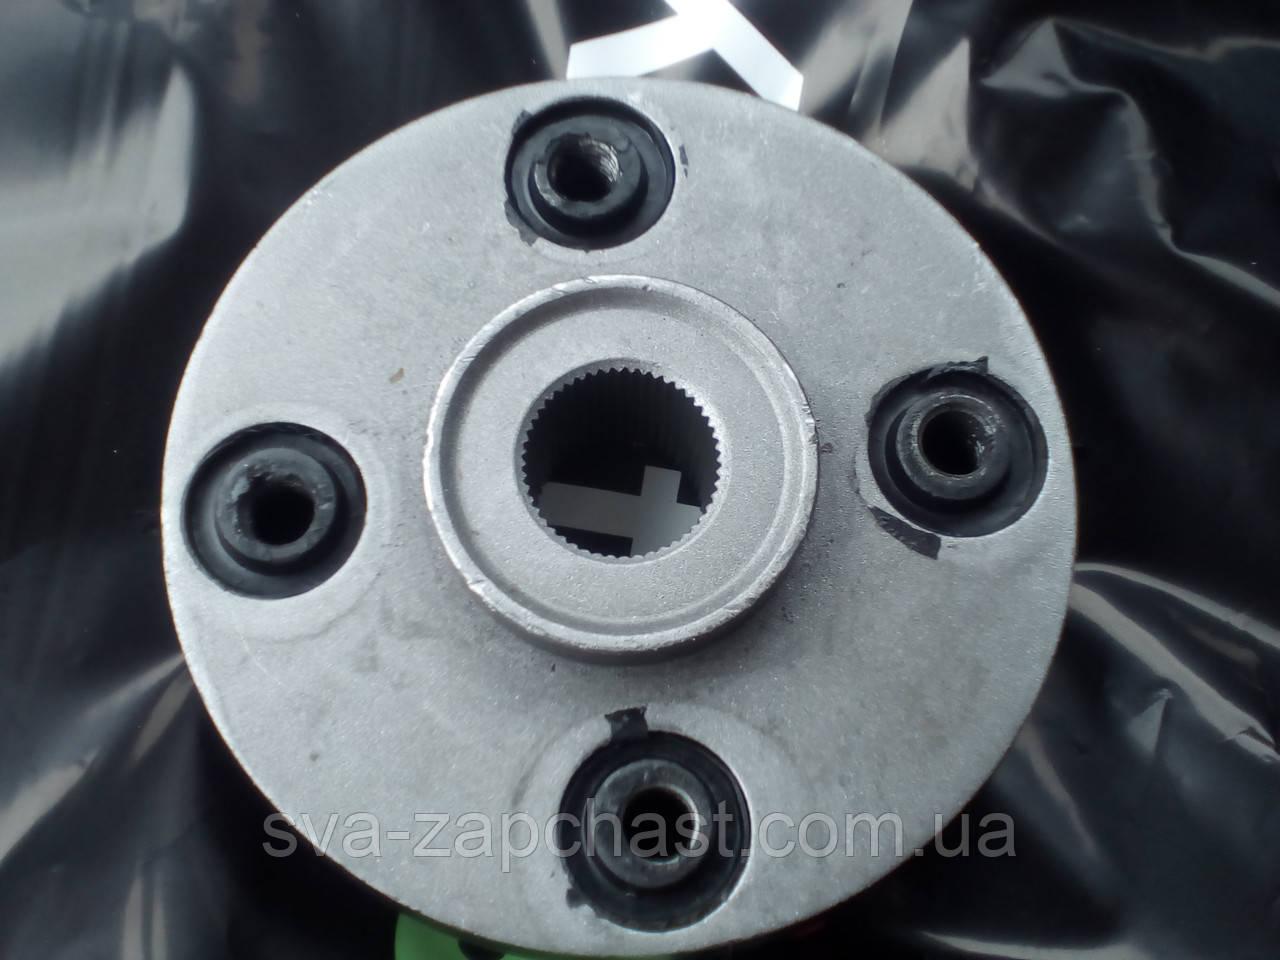 Муфта привода МАЗ вентилятора ЯМЗ 236 238